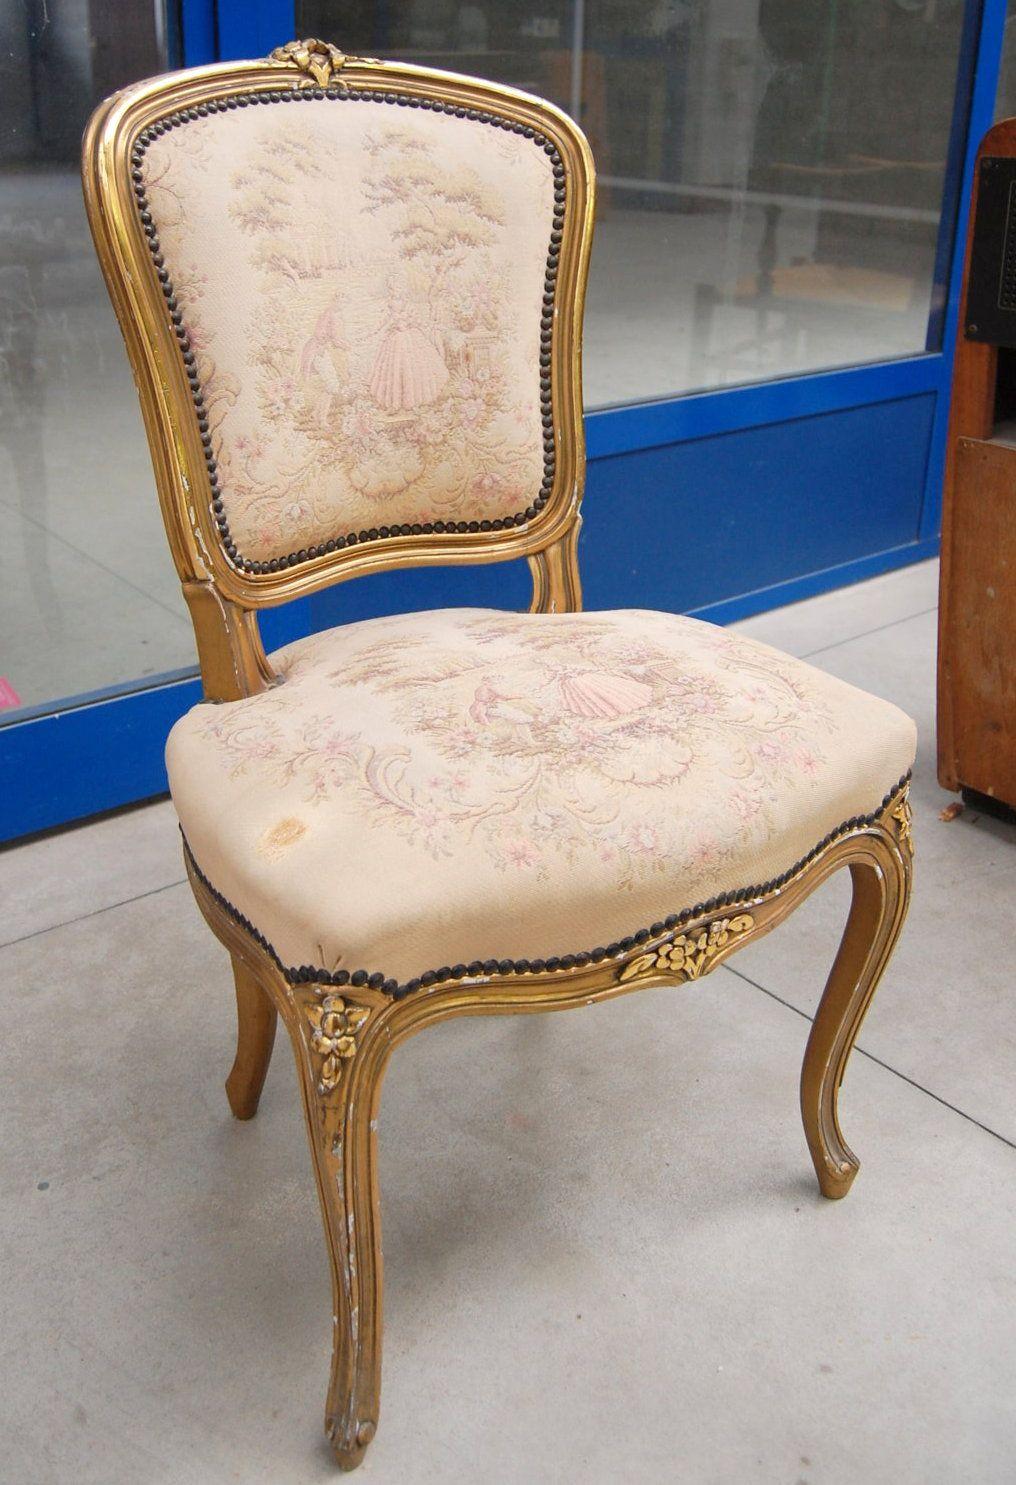 Sedia da camera in stile Luigi XV dorata con fiori scolpiti su ...